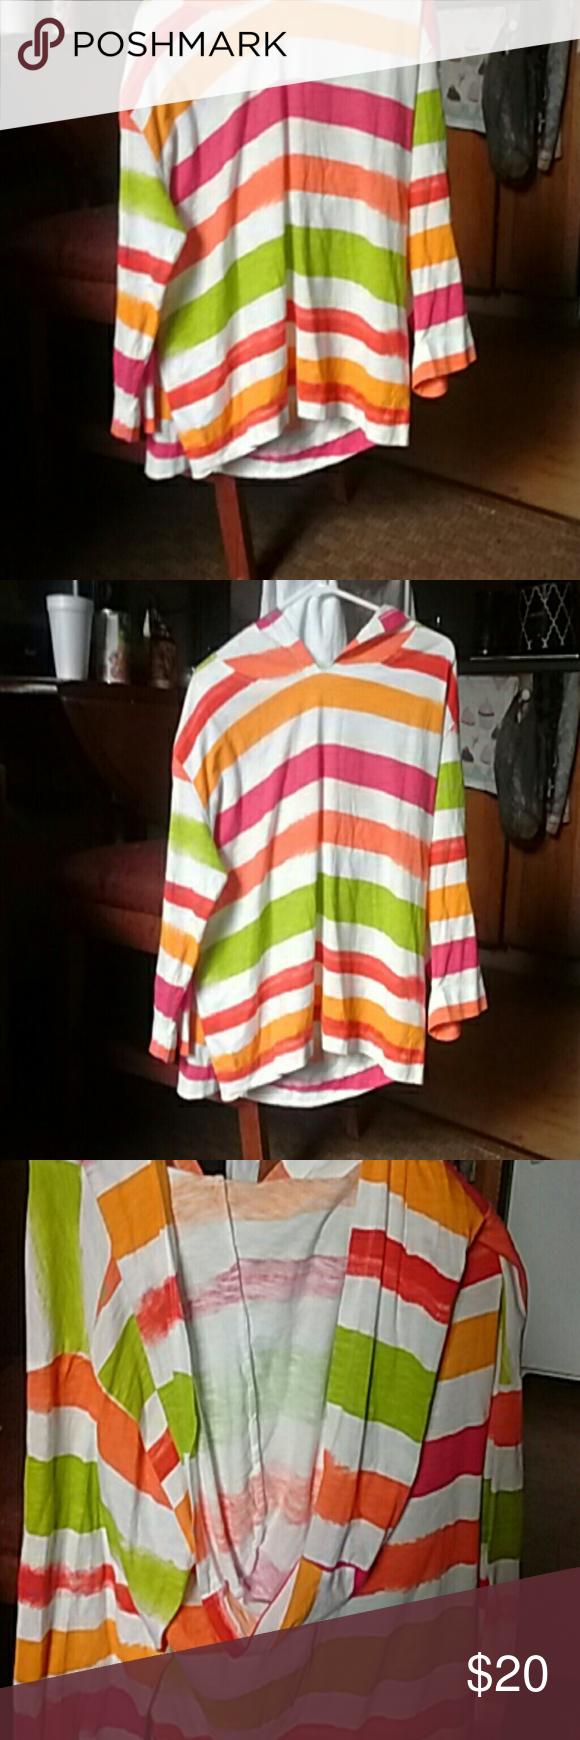 Calvin Klein hooded top Multicolored casual 3/4sleeve Calvin Klein Tops Sweatshirts & Hoodies